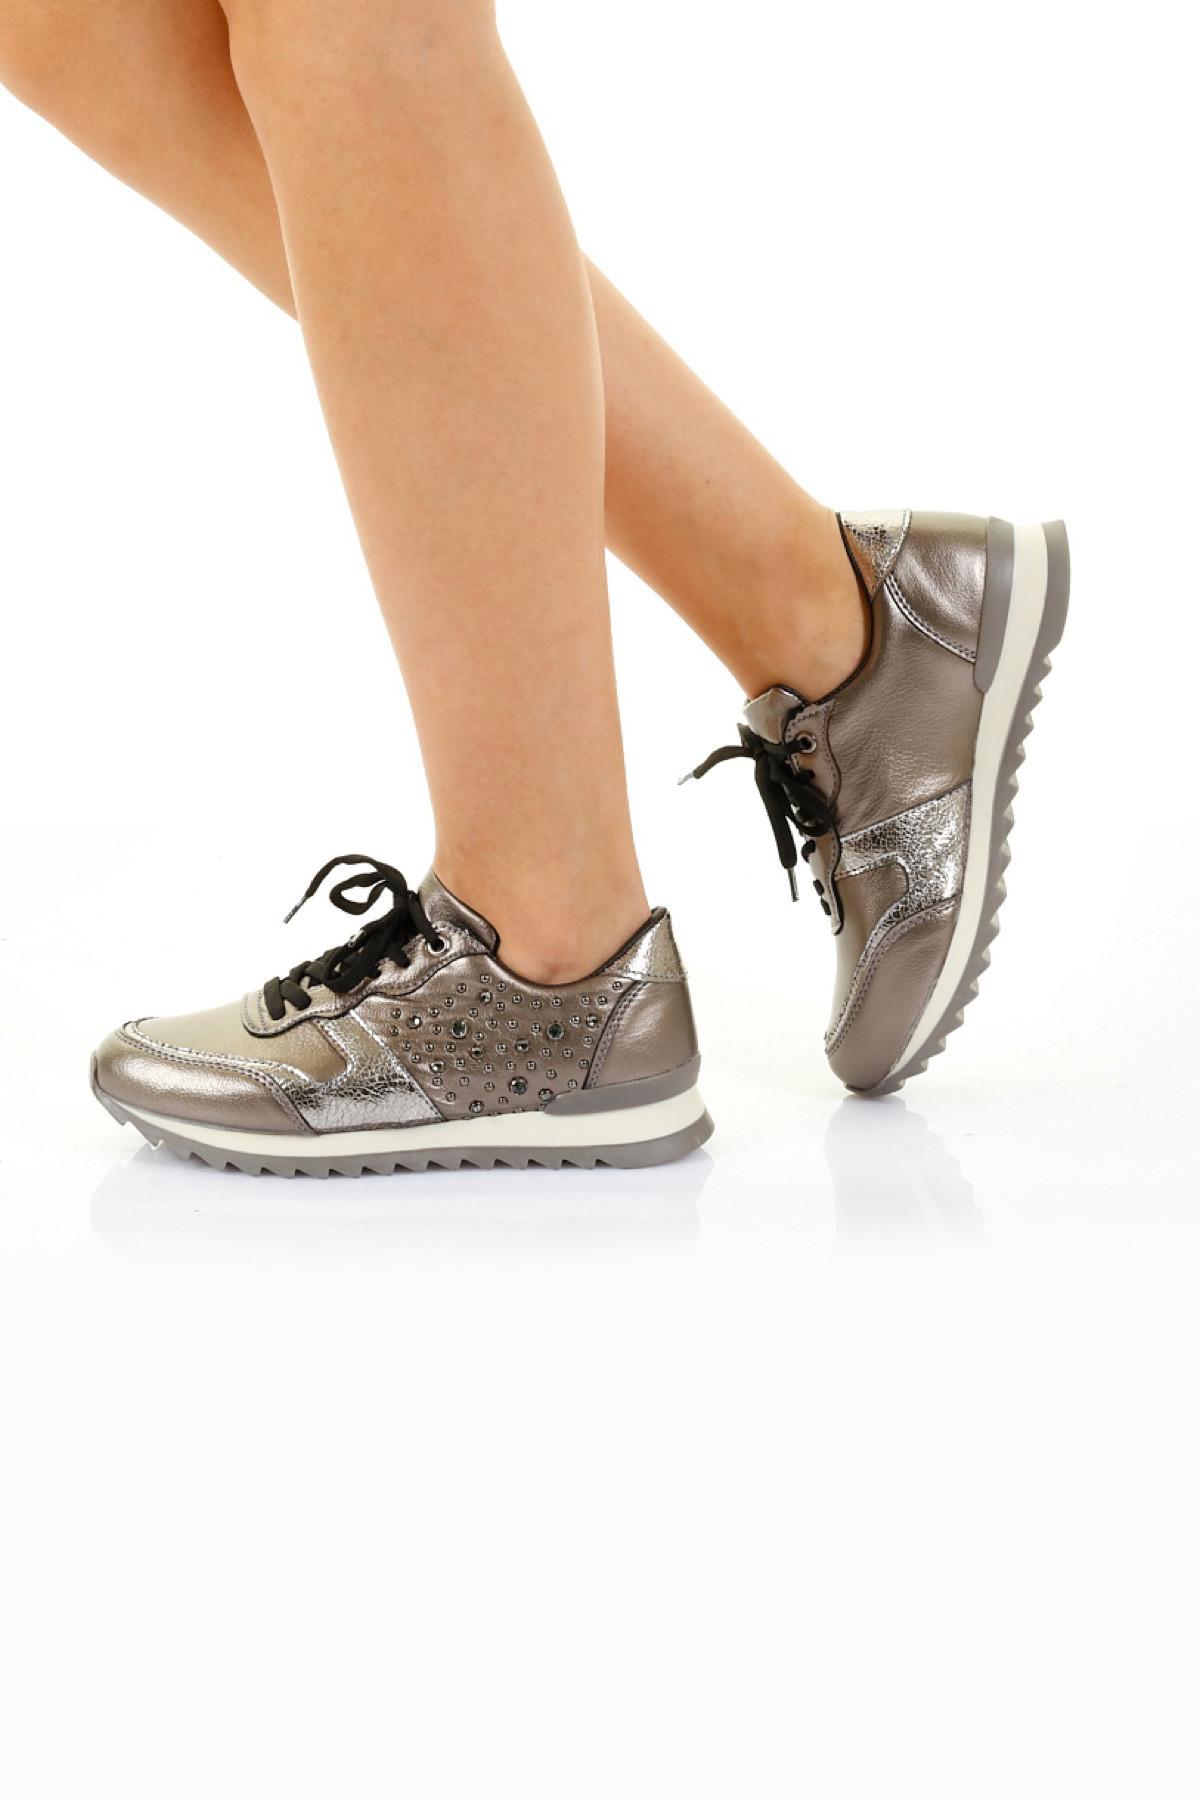 Wilma Kurşun Ortopedik Bayan Spor Ayakkabı